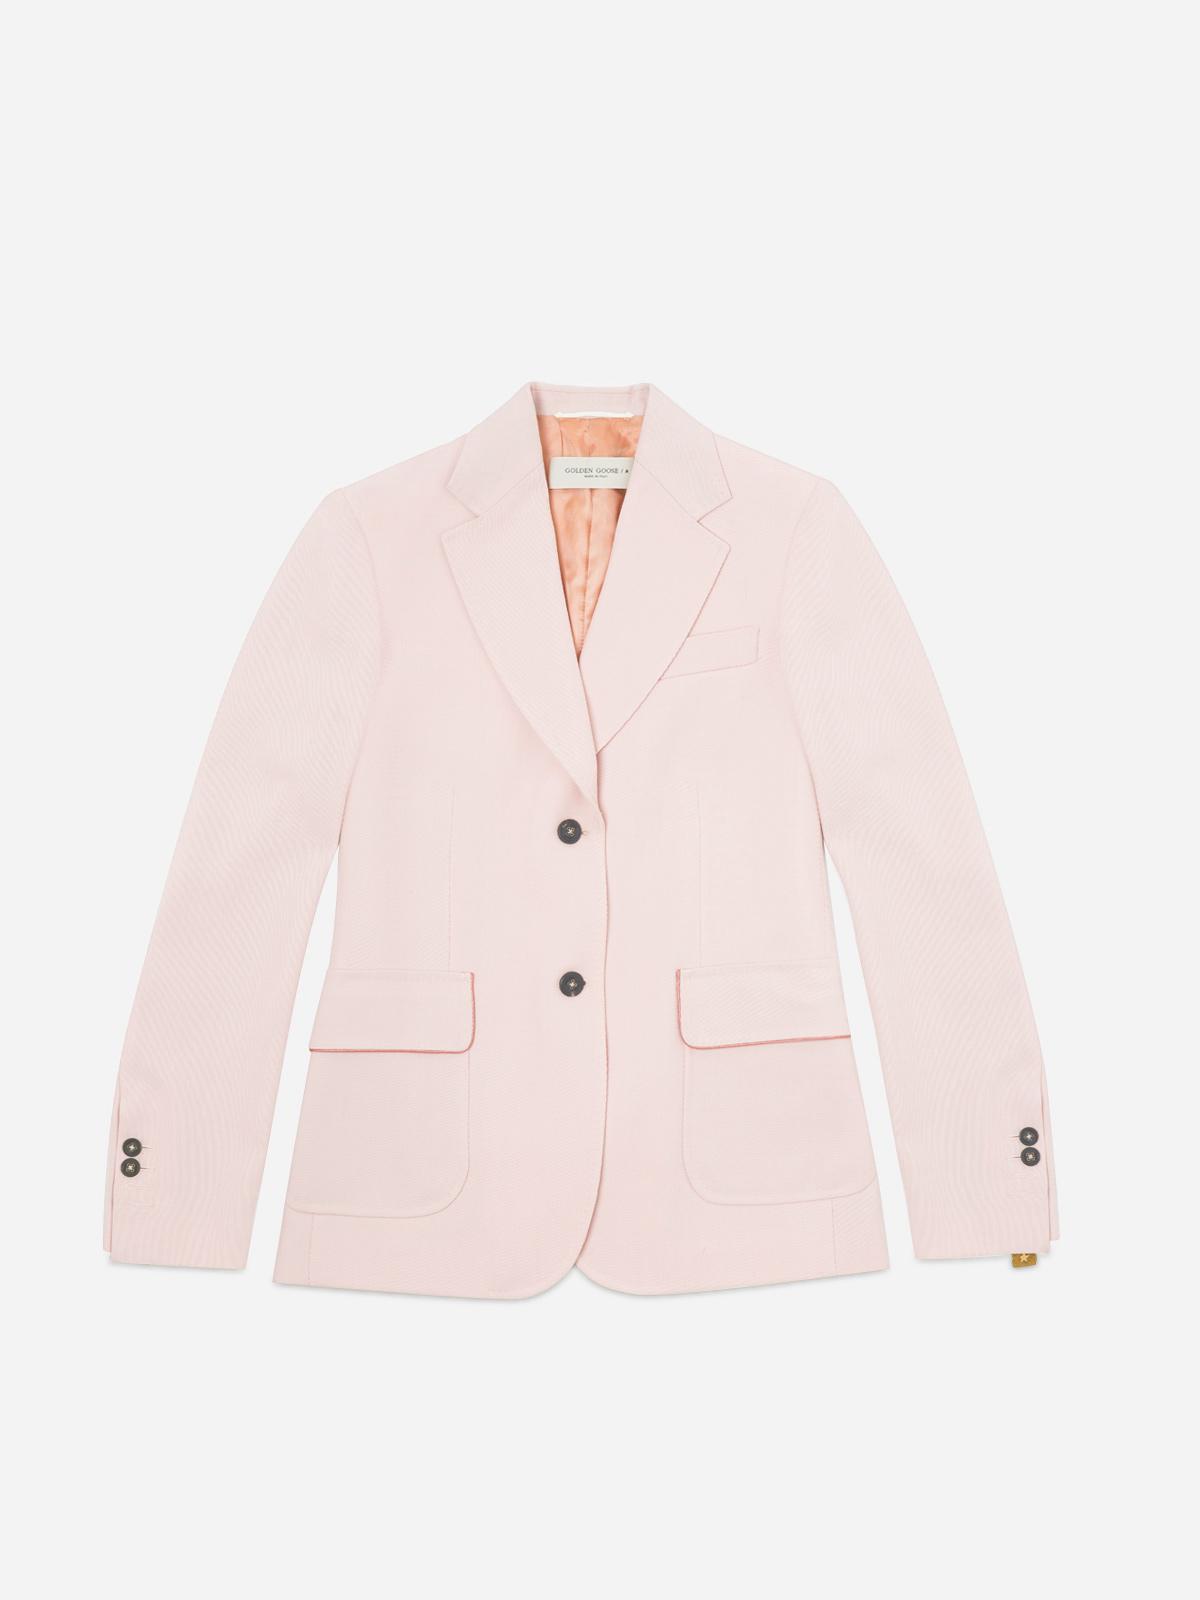 Golden Goose - Annachiara blazer in pink virgin wool twill in